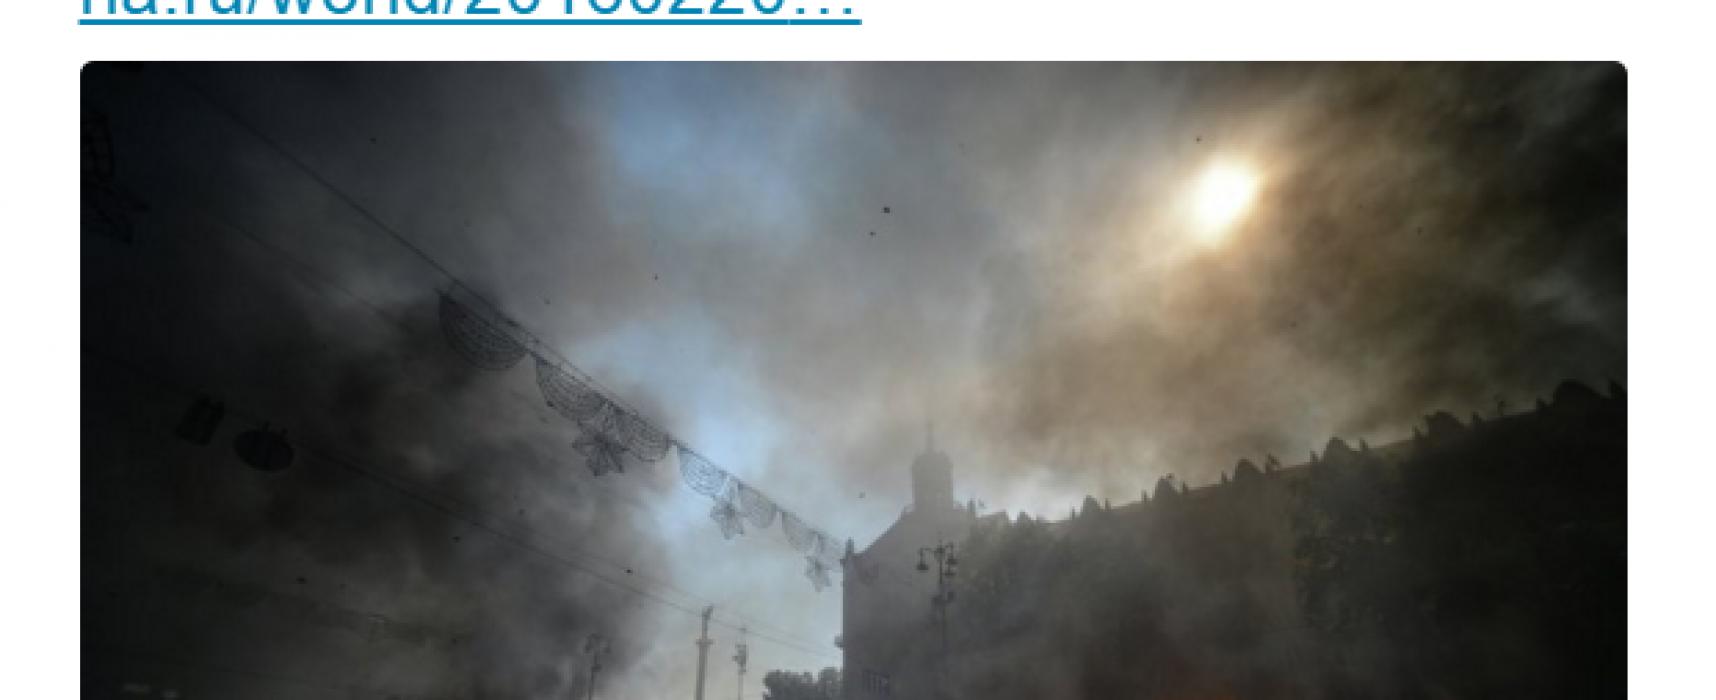 Российские CМИ придумали новую революцию с 67 погибшими